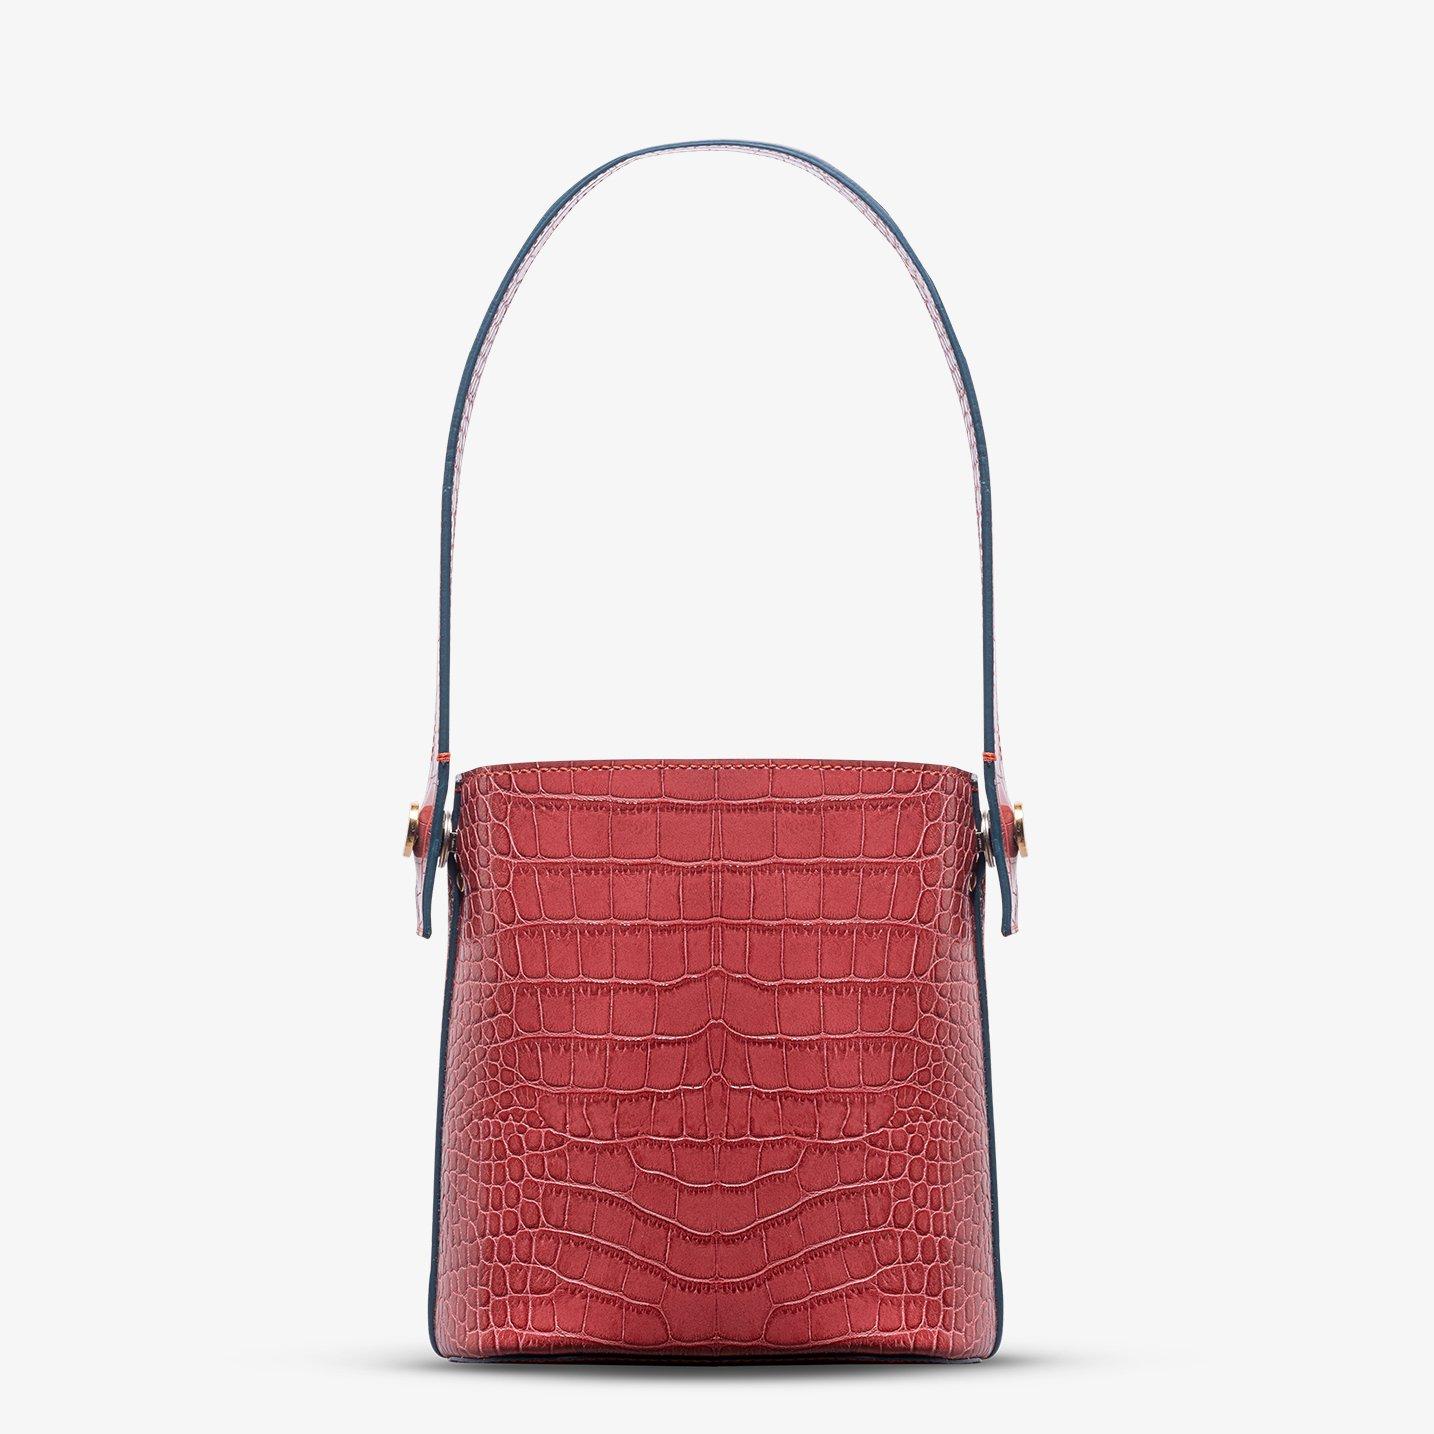 Kilesa wandy borsa secchiello in pelle rossa coccolux